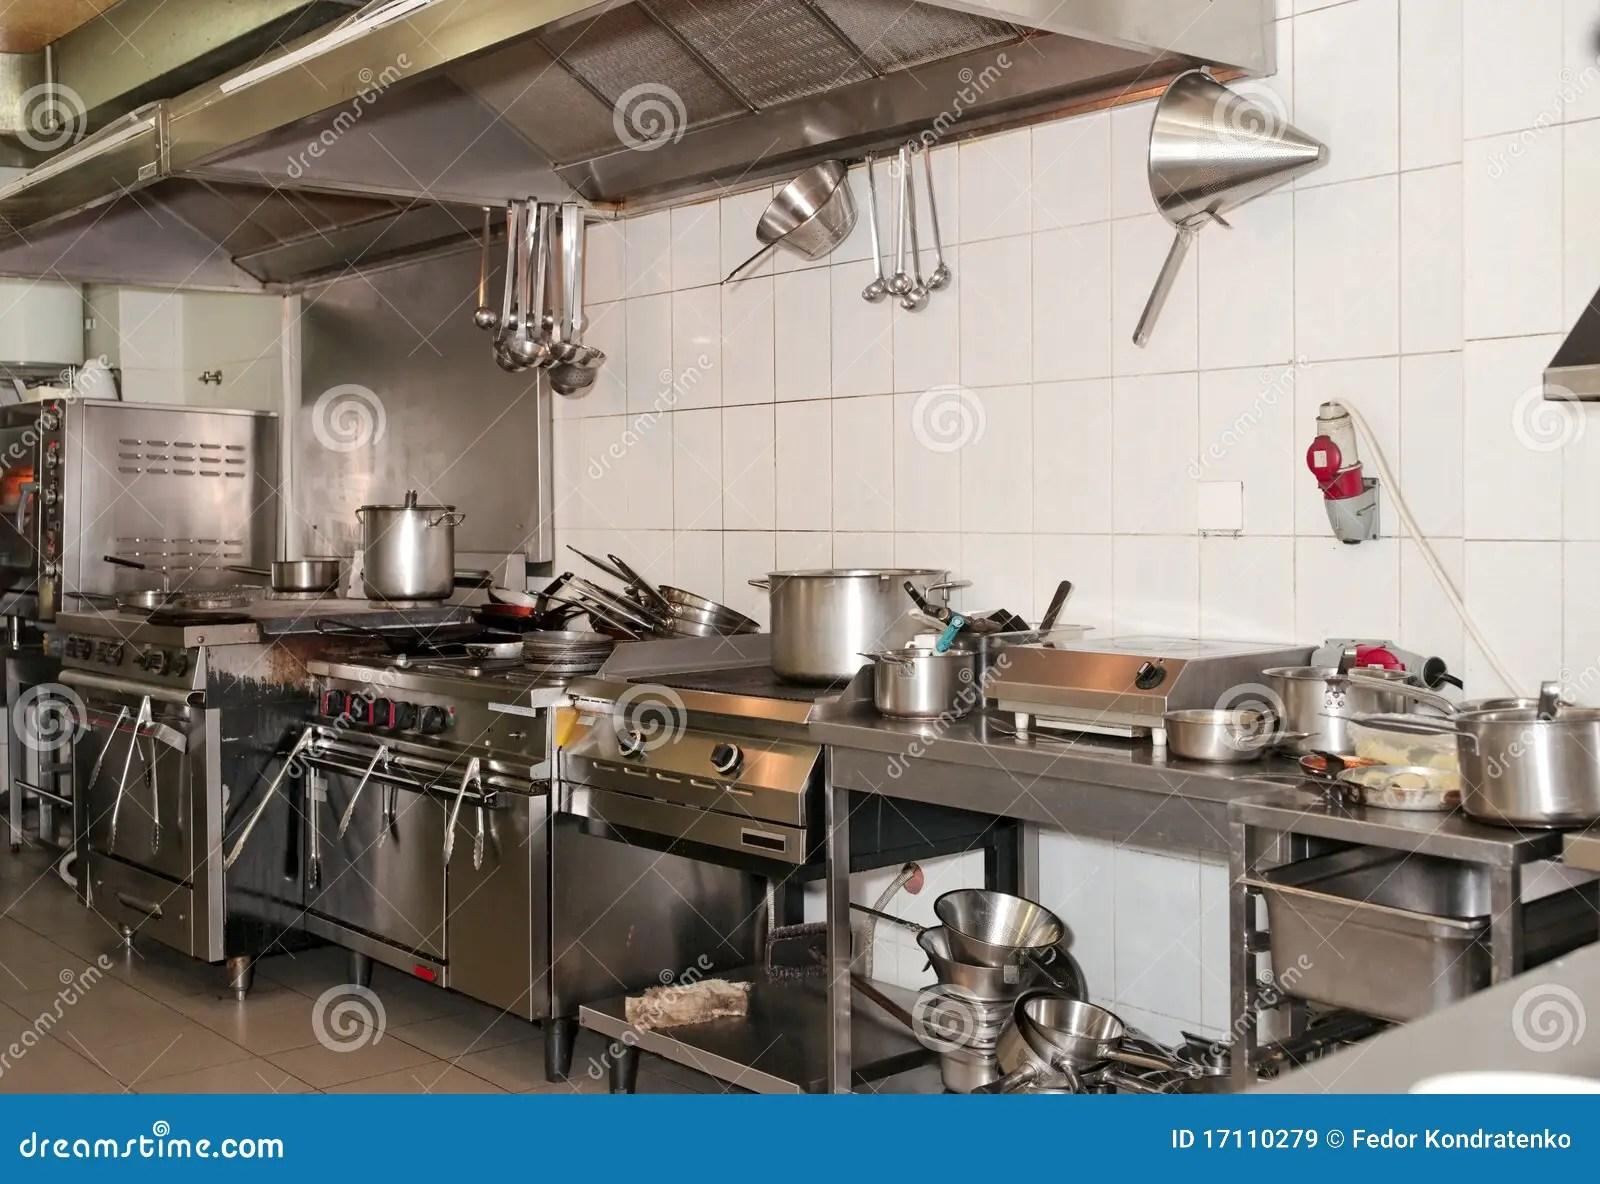 Cucina Tipica Di Un Ristorante Immagine Stock  Immagine di reale preparazione 17110279